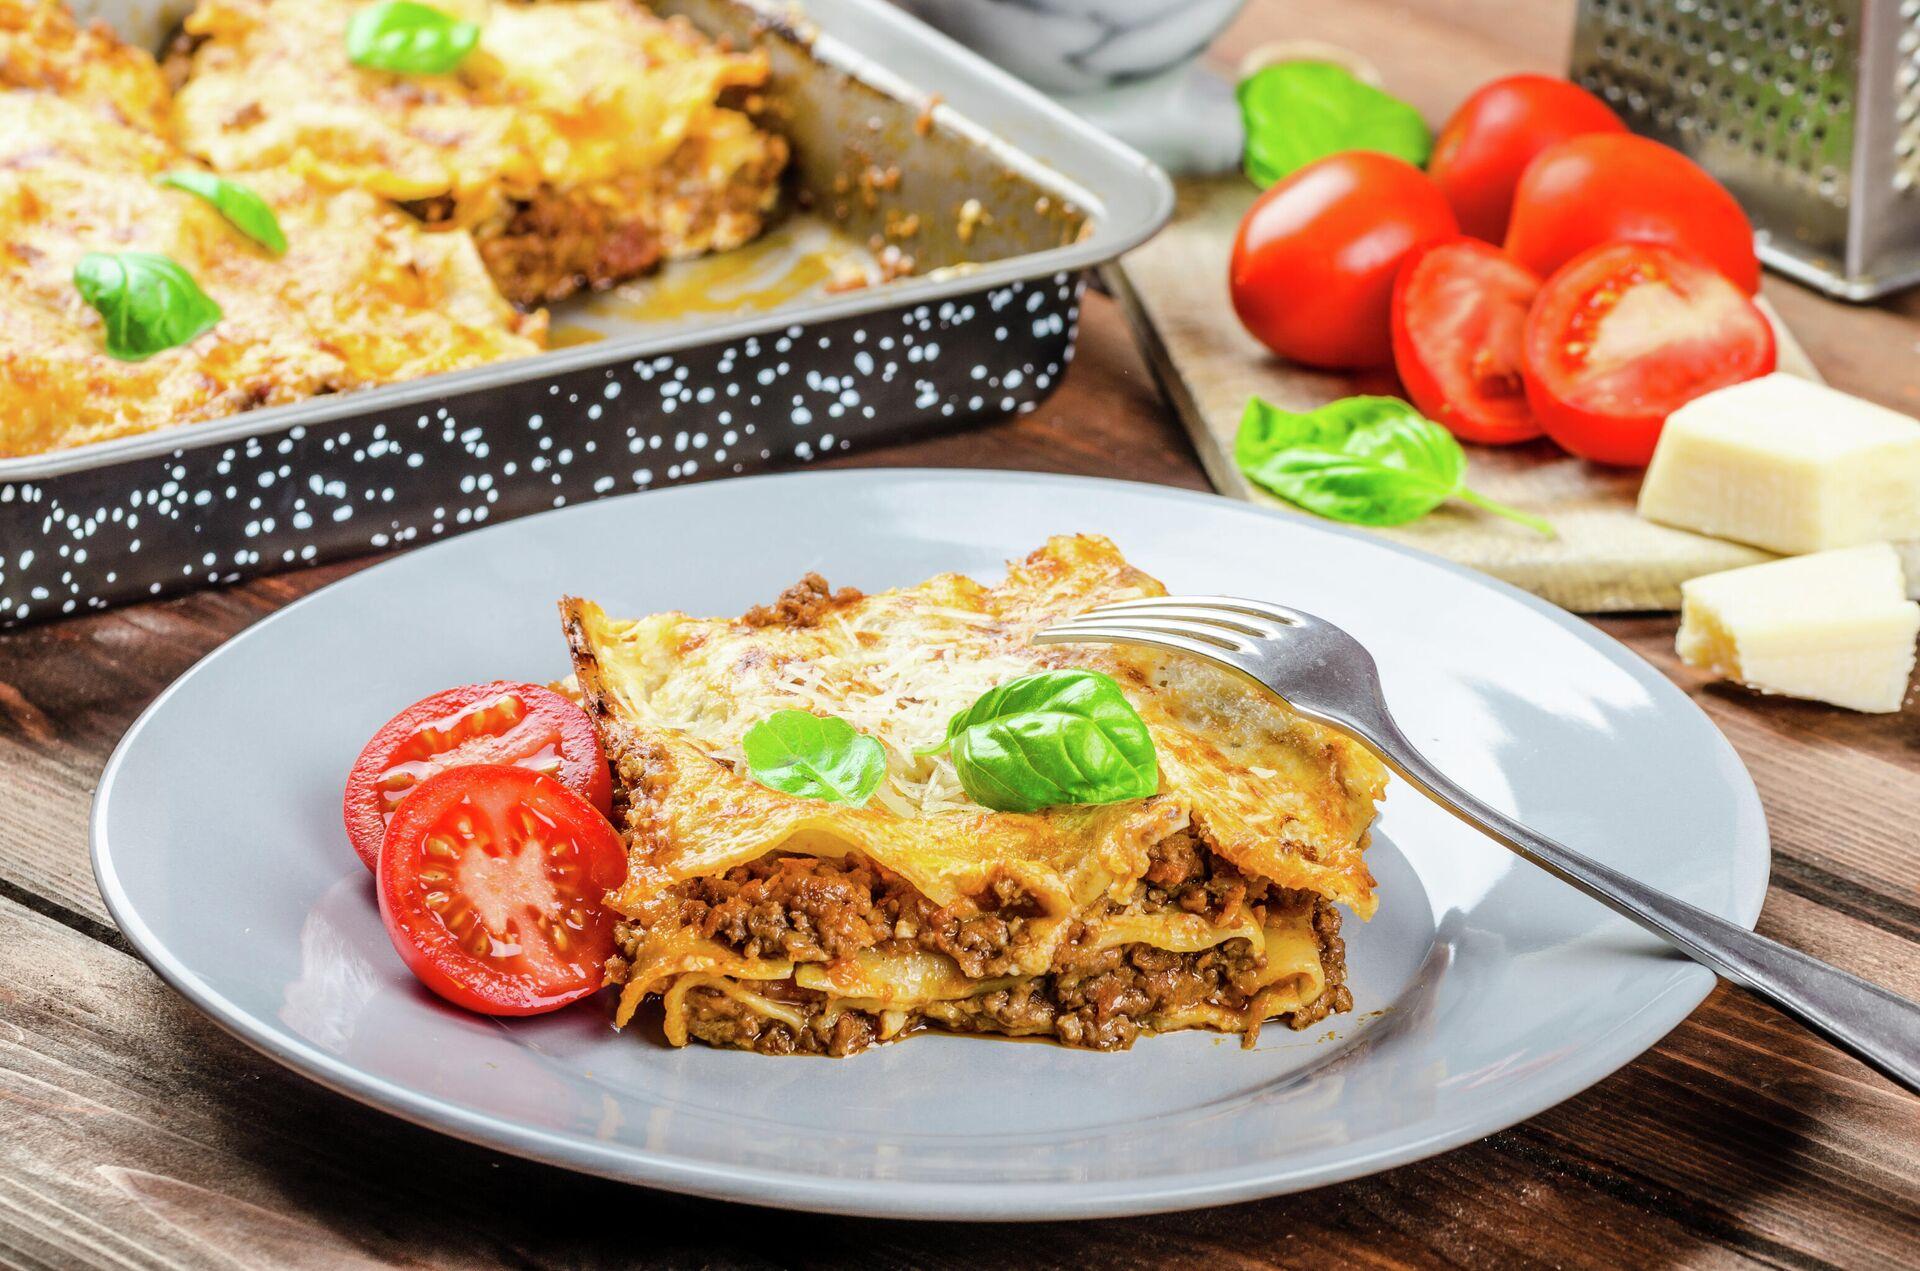 Итальянское блюдо Lasagna bolognese - РИА Новости, 1920, 24.12.2020